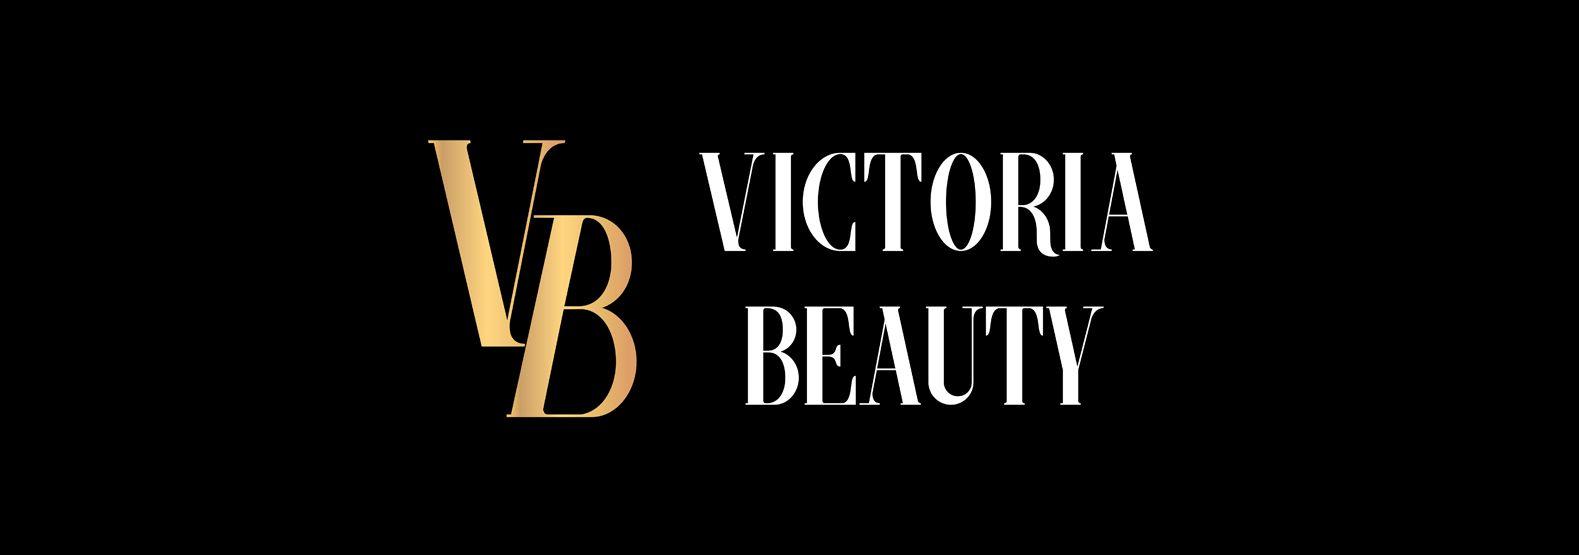 Victoria Beauty espacio en la peluqueria en Madrid de Lorena Morlote